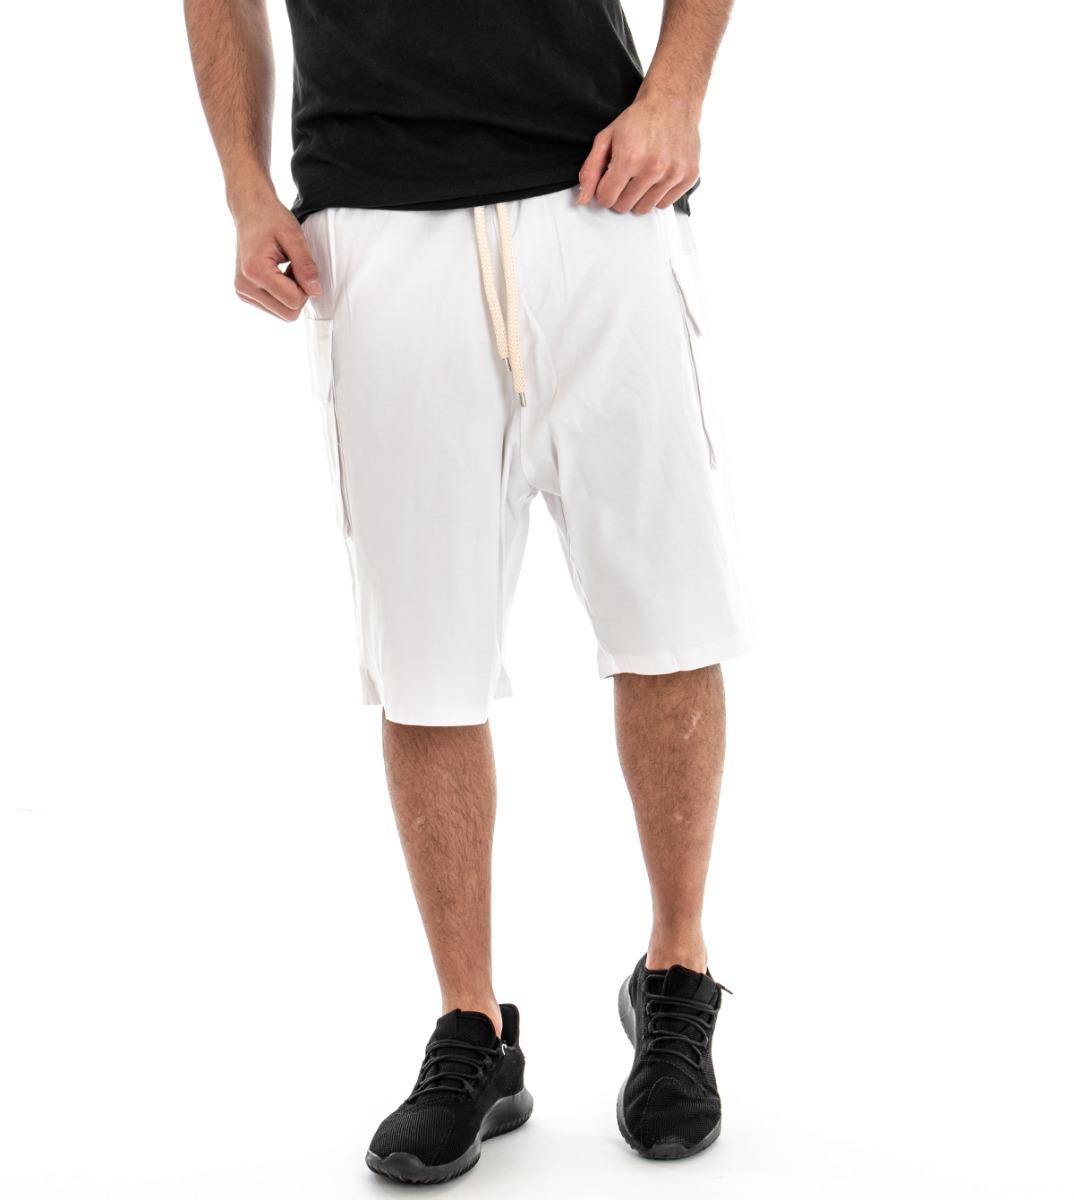 Dettagli su Bermuda Bianco Uomo Pantalone Corto Cavallo Basso Pantaloncini Elastico GIOSAL